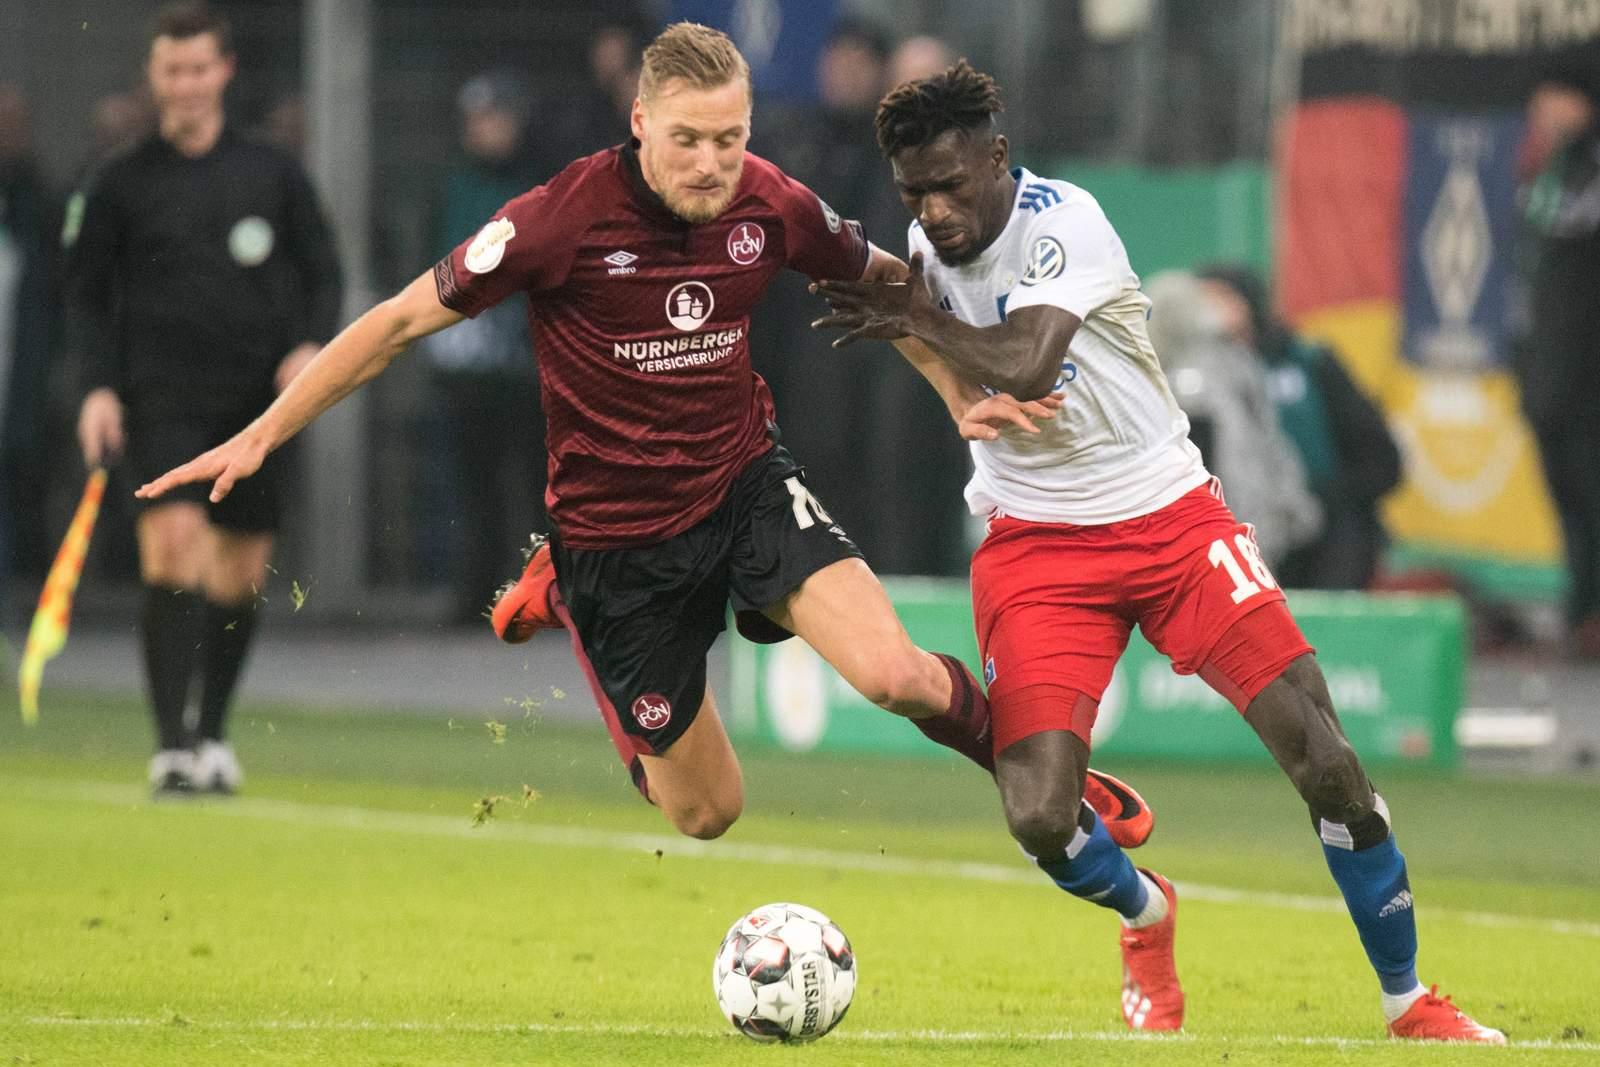 Bakery Jatta vom HSV gegen hanno Behrens vom 1. FC Nürnberg